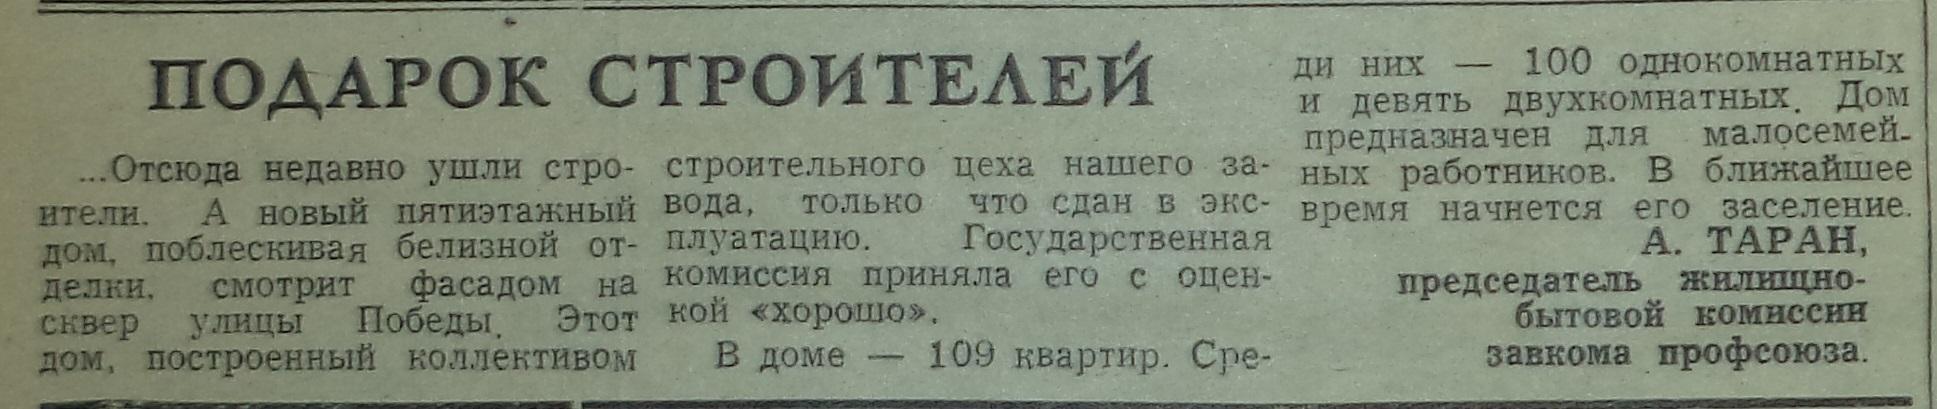 Славный-ФОТО-16-Ленинское Знамя-1975-13 января